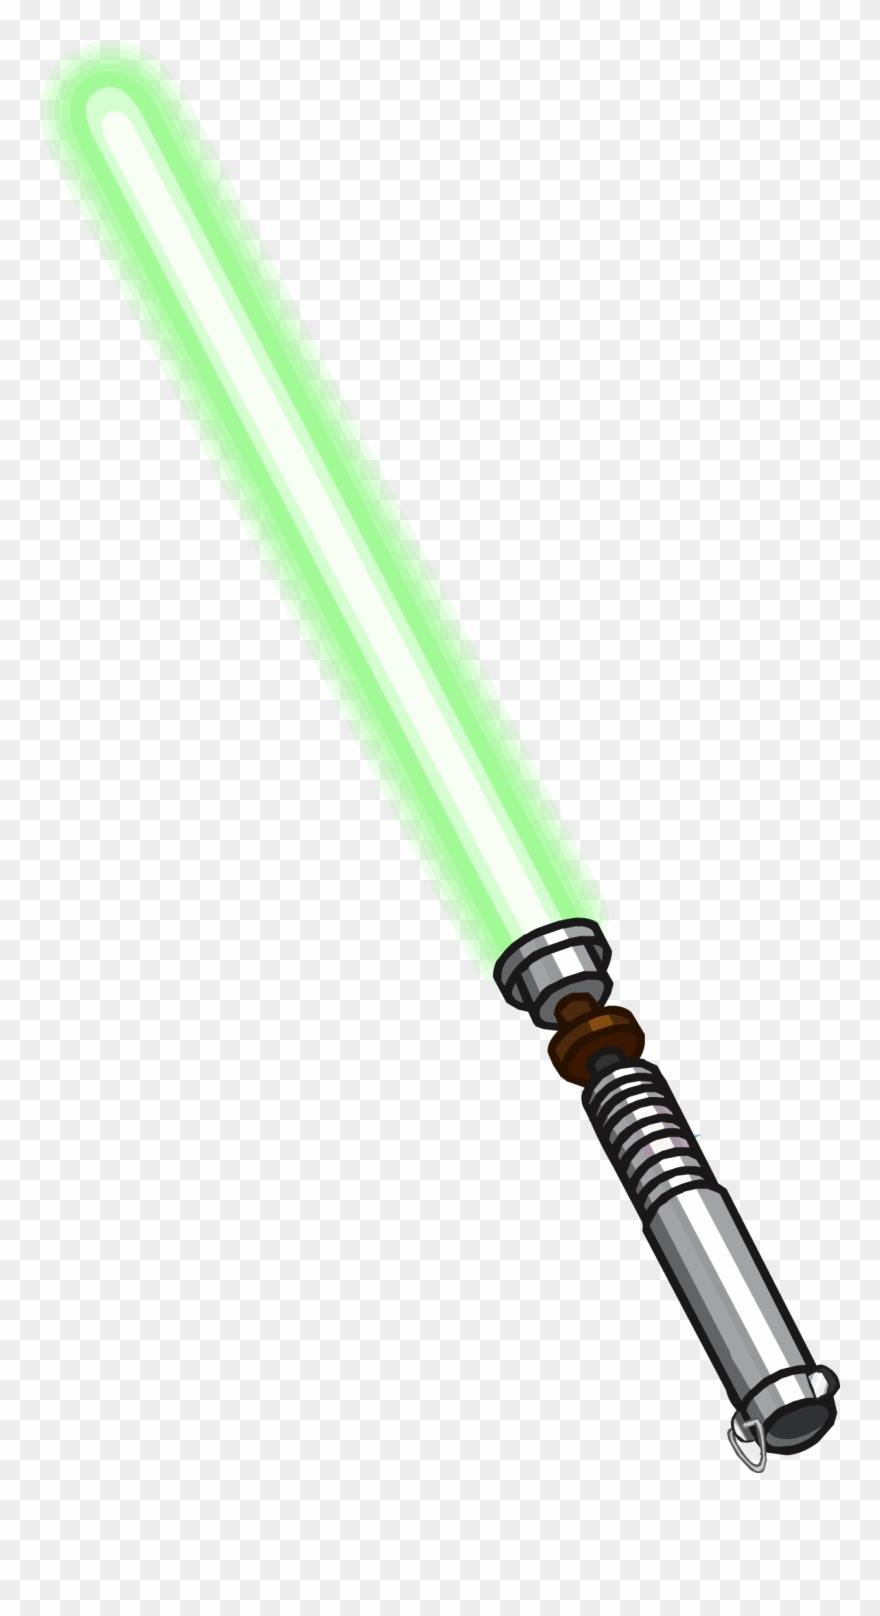 svg royalty free download Free green . Lightsaber clipart light saber.